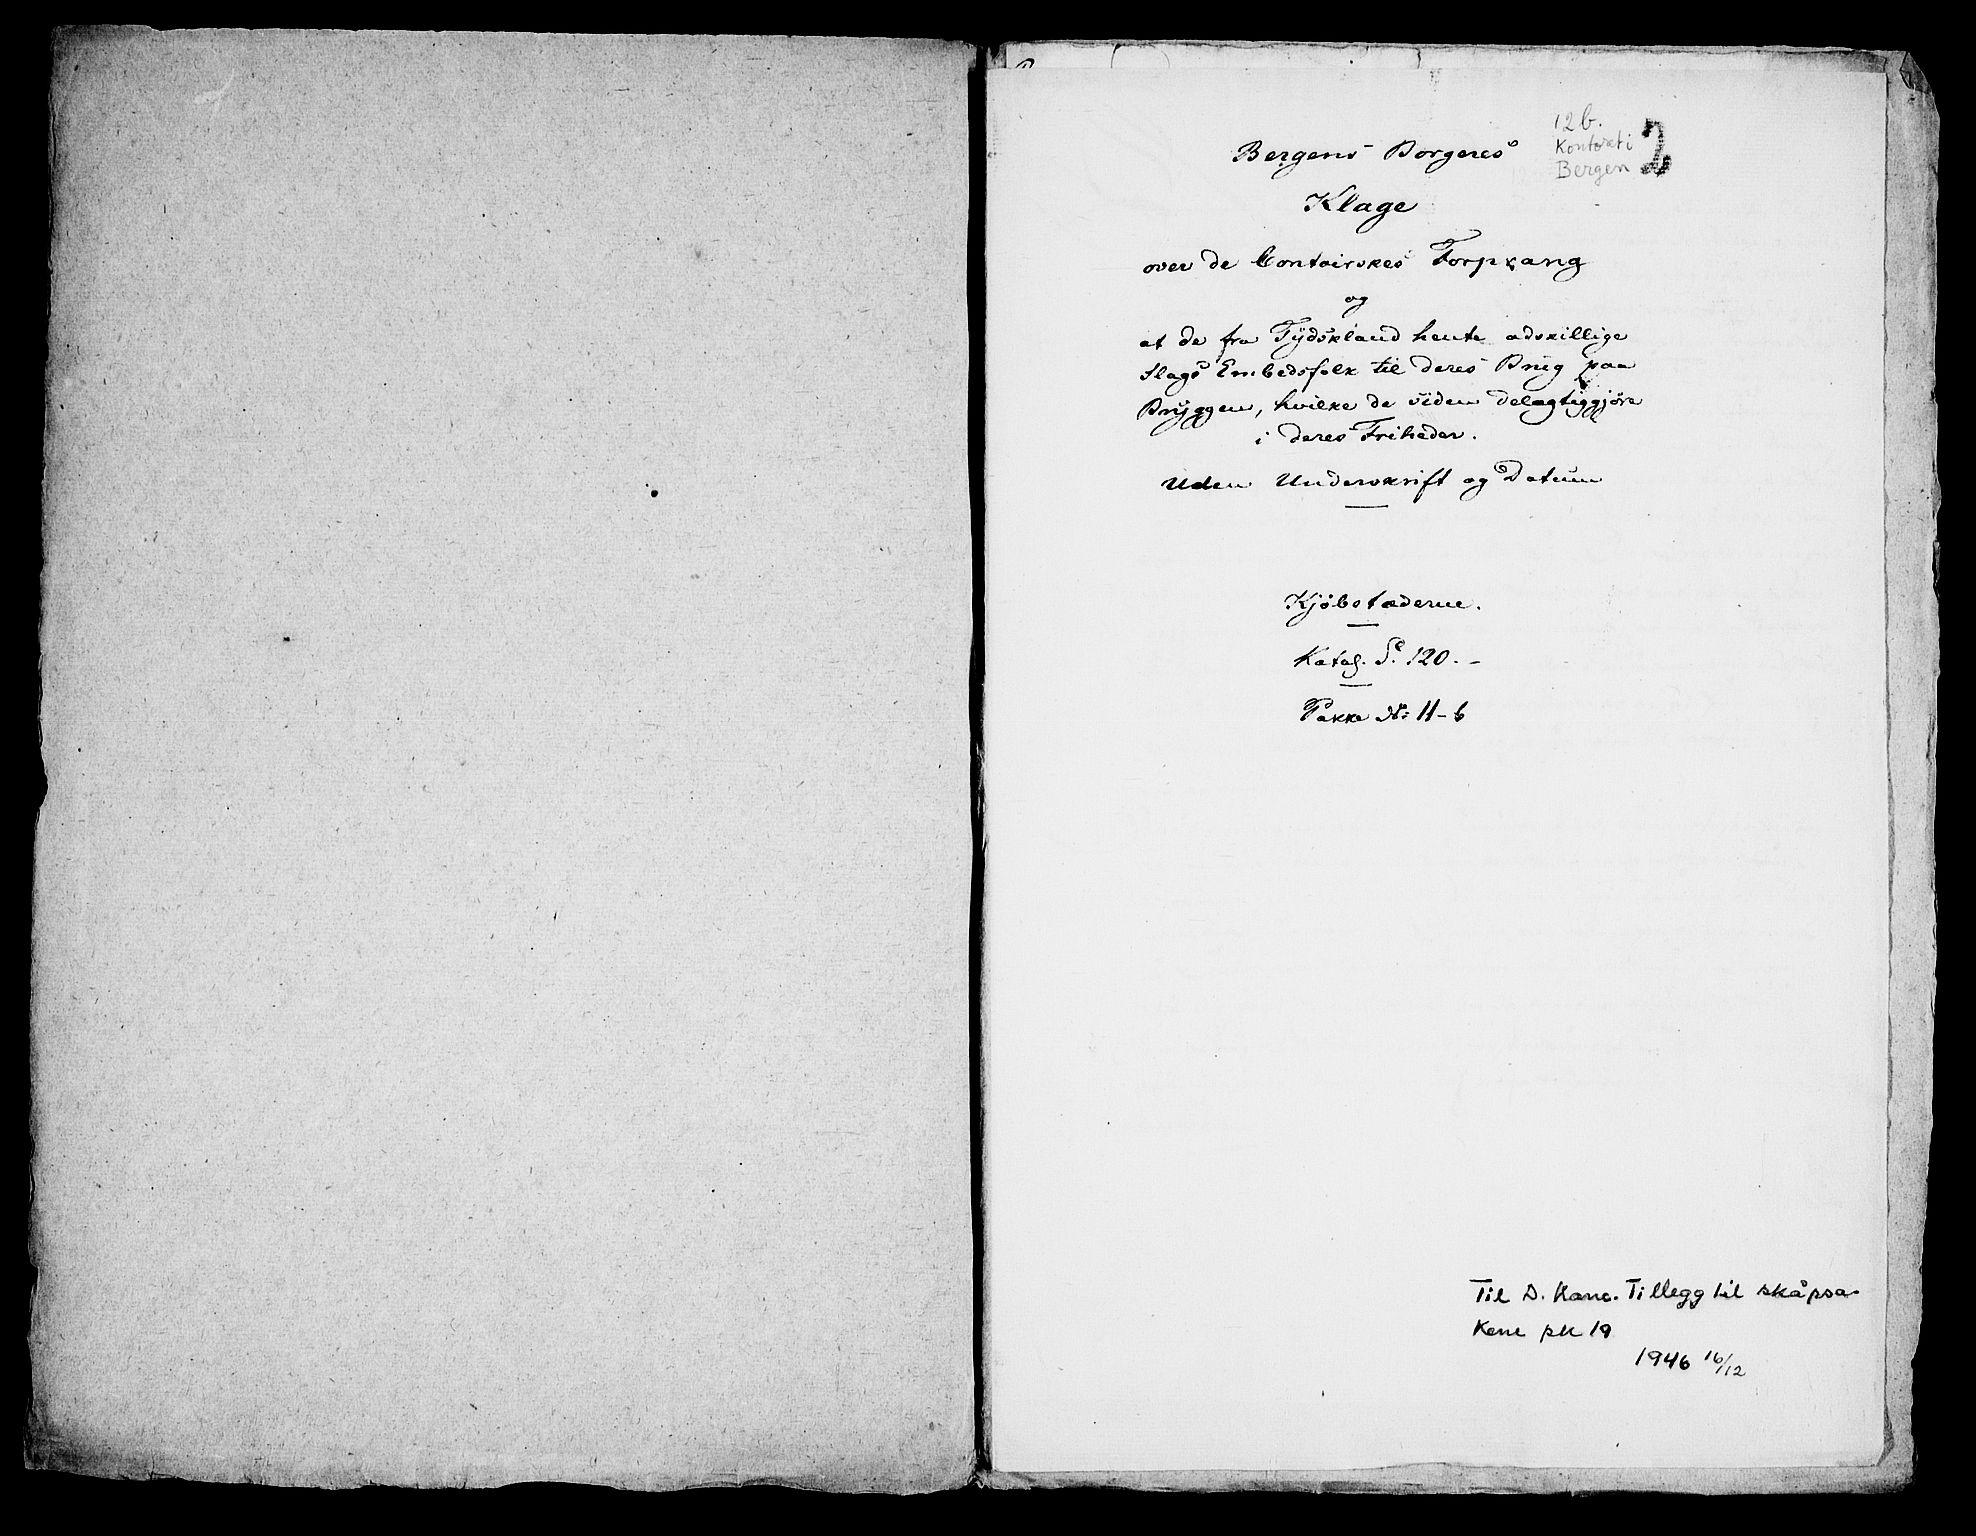 RA, Danske Kanselli, Skapsaker, G/L0019: Tillegg til skapsakene, 1616-1753, s. 47